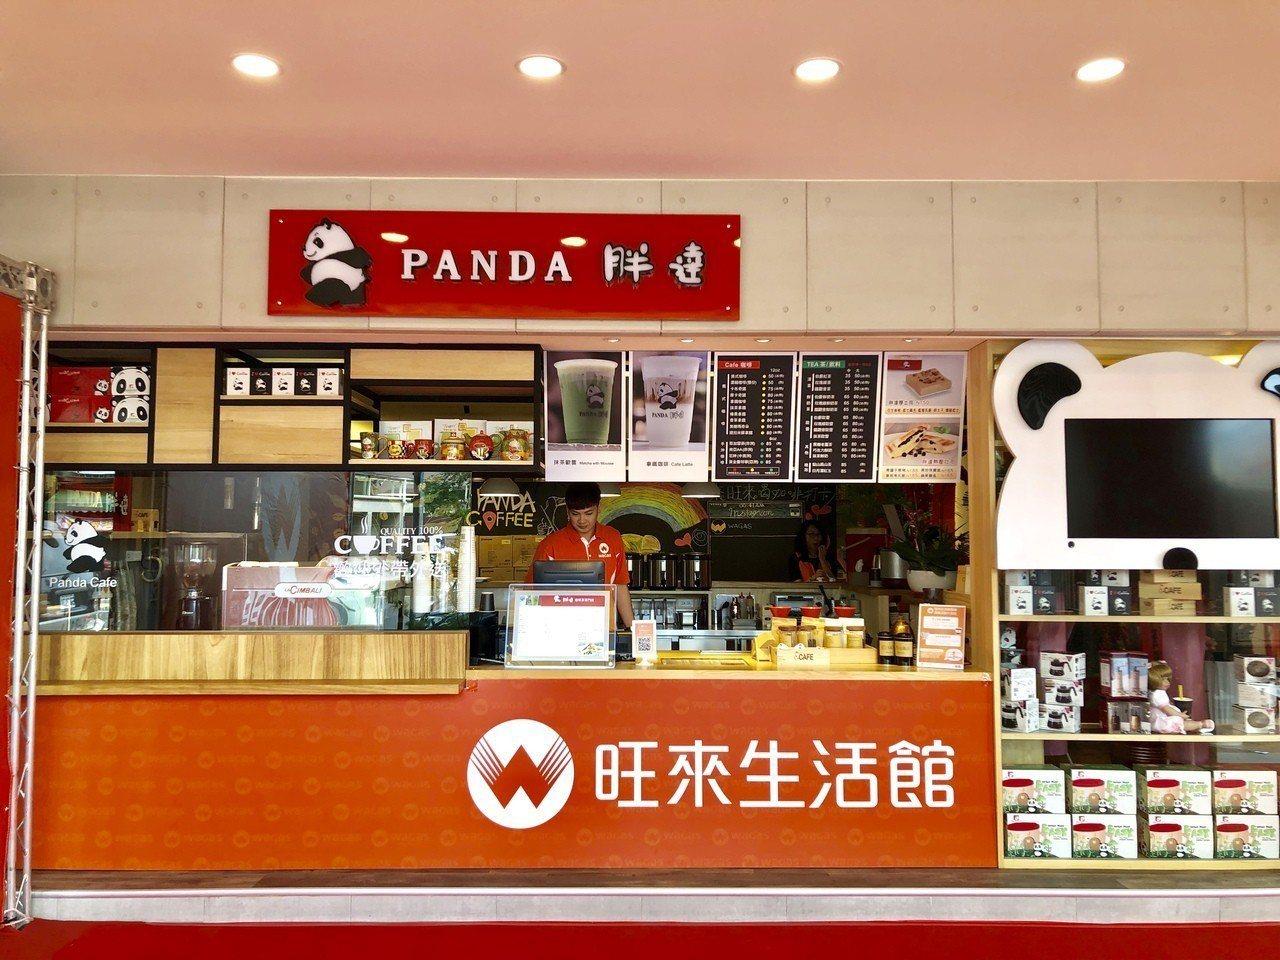 旺來生活館跨界與胖達咖啡合作,現場提供咖啡輕食與優選家品讓消費者選購;未來館內的...